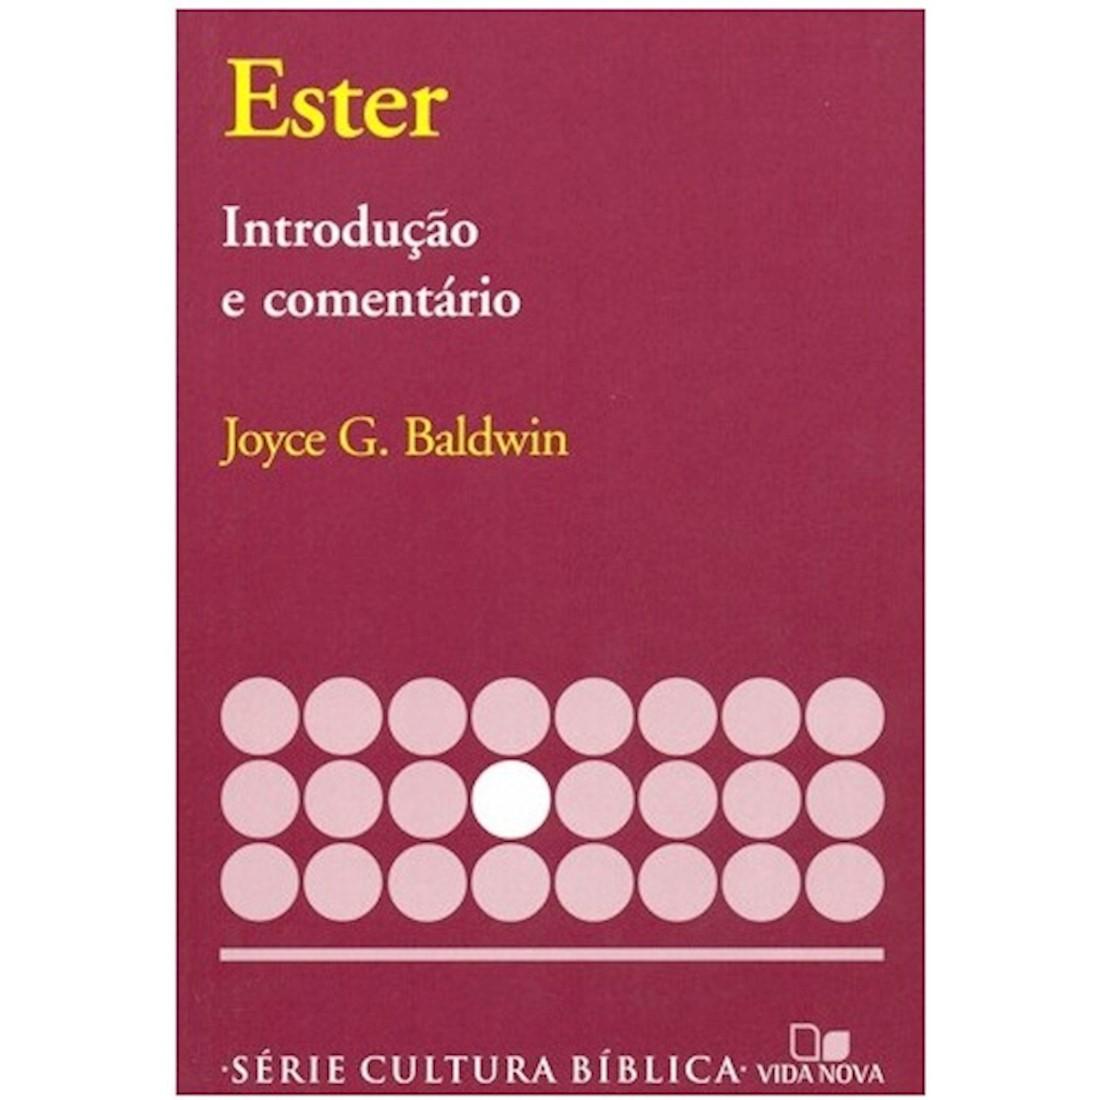 Livro Ester - Introdução e Comentário Antigo Testamento